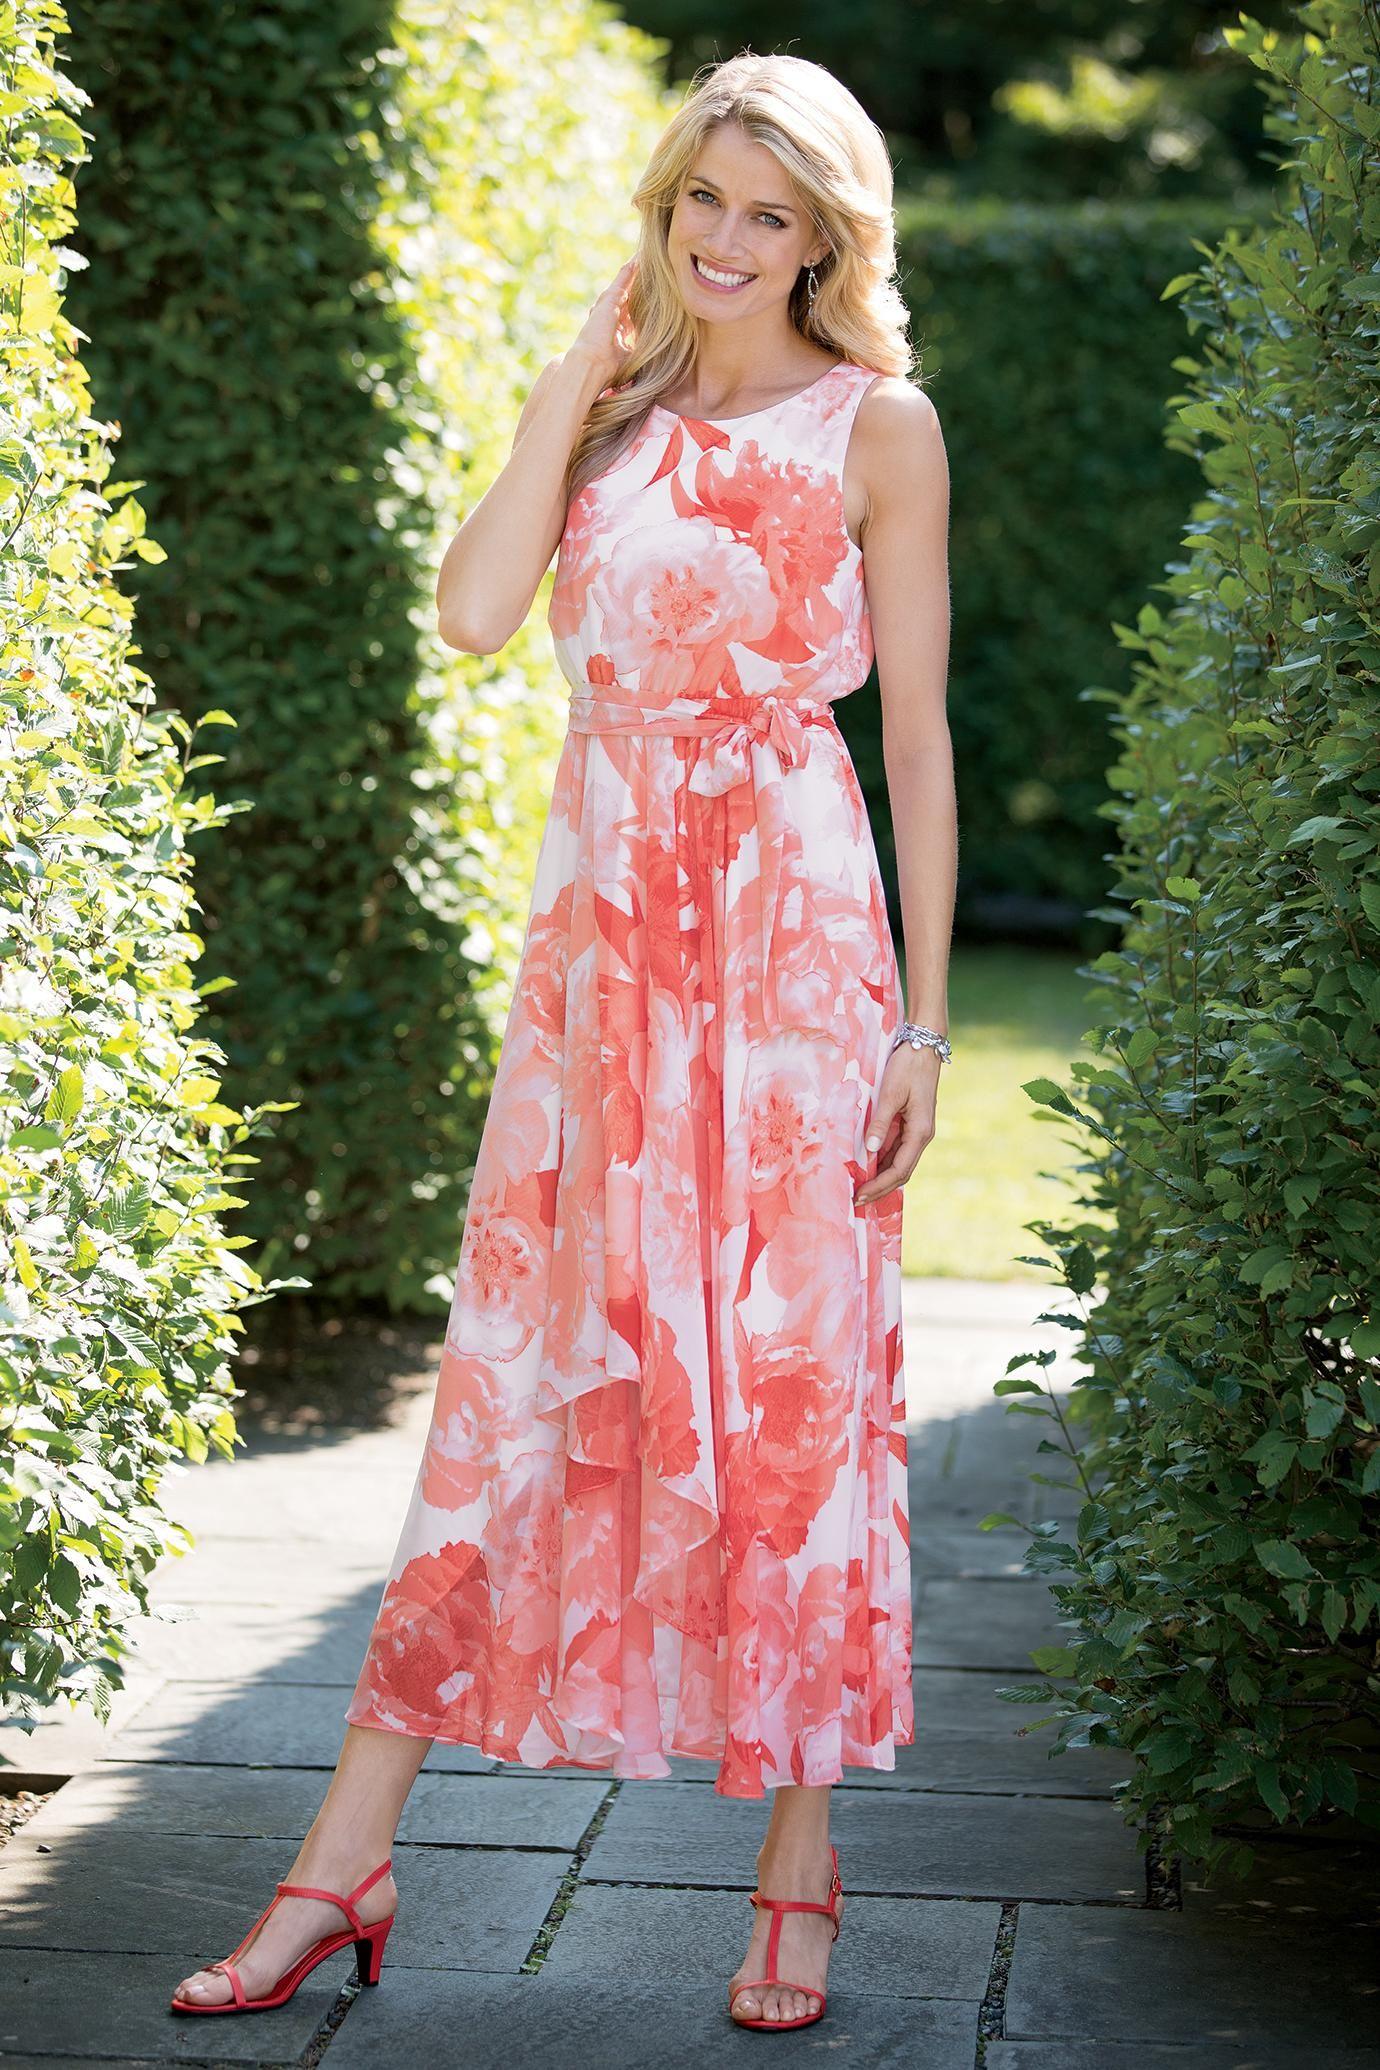 Sleeveless Cascading Chiffon Dress Chadwicks Of Boston